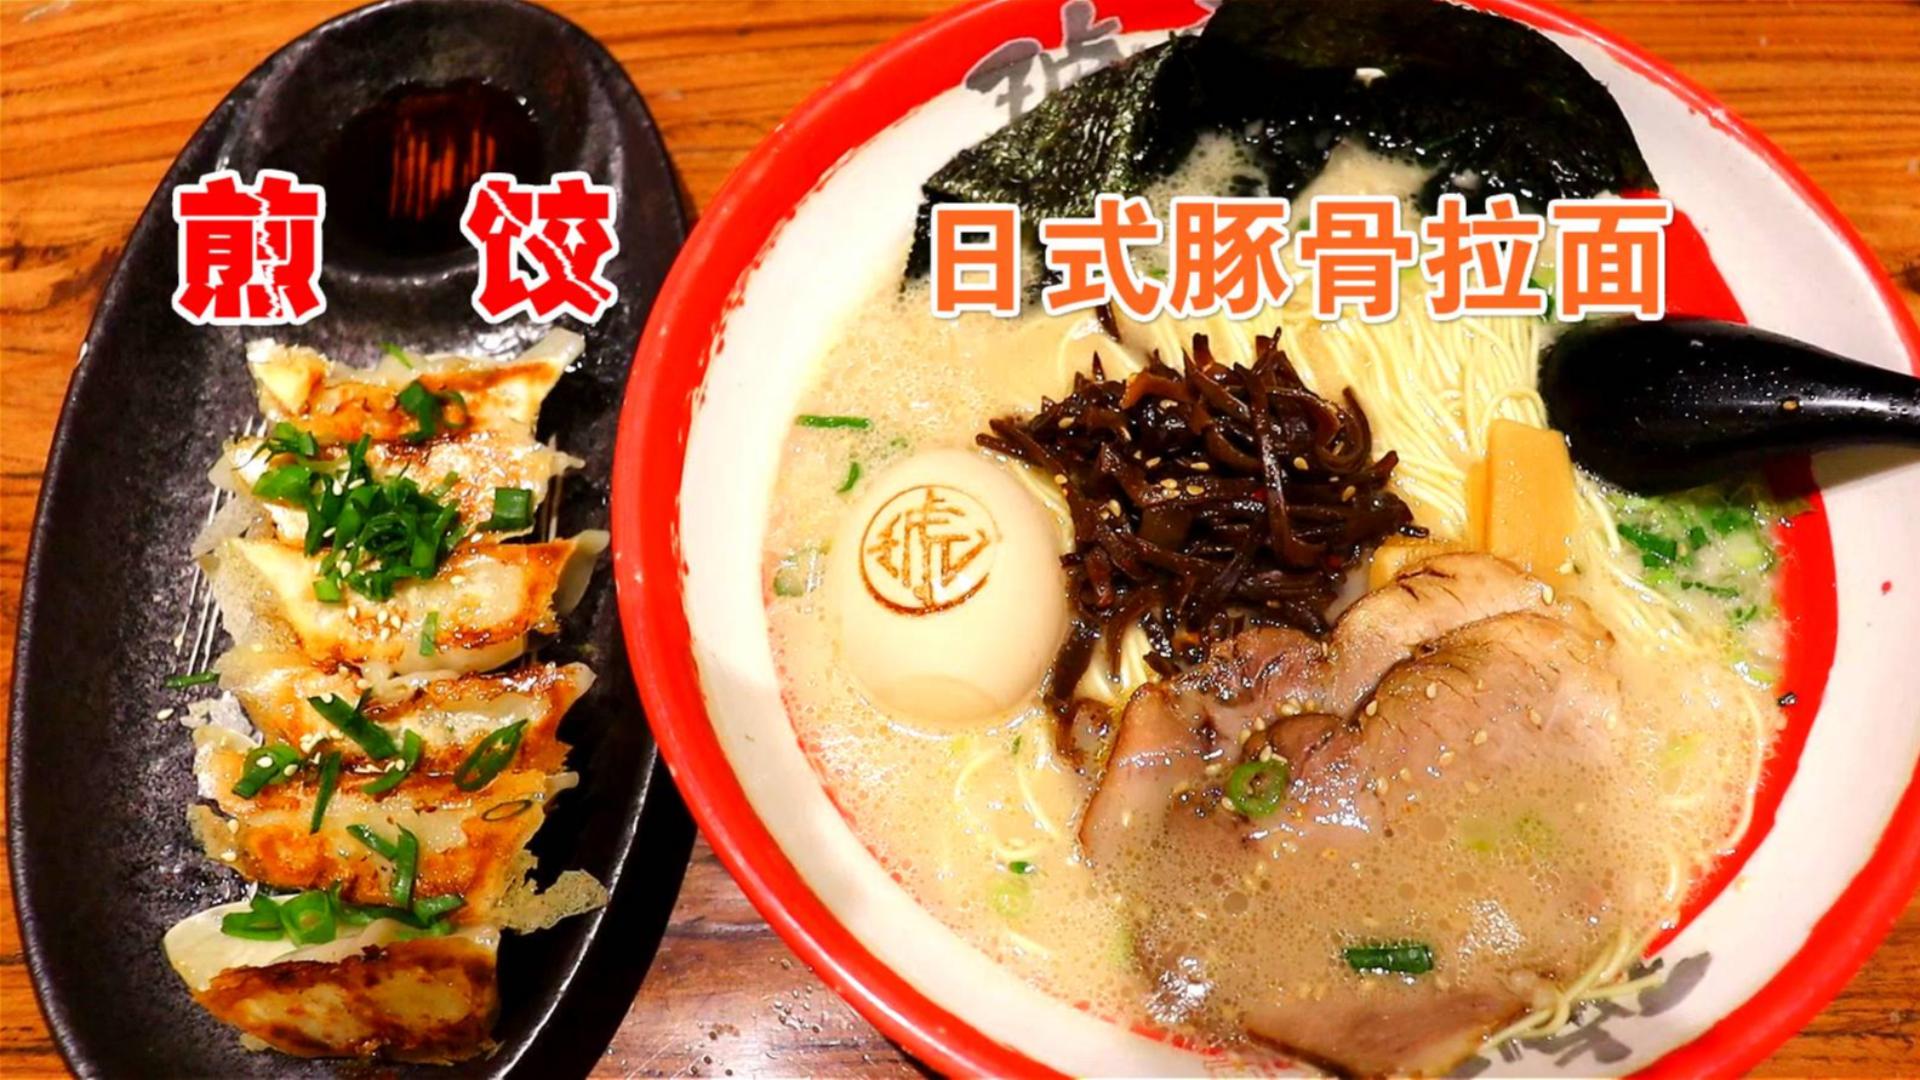 探店口碑远超味千的日式拉面,煎饺味道不咋滴,蛋蛋却好吃的出奇!